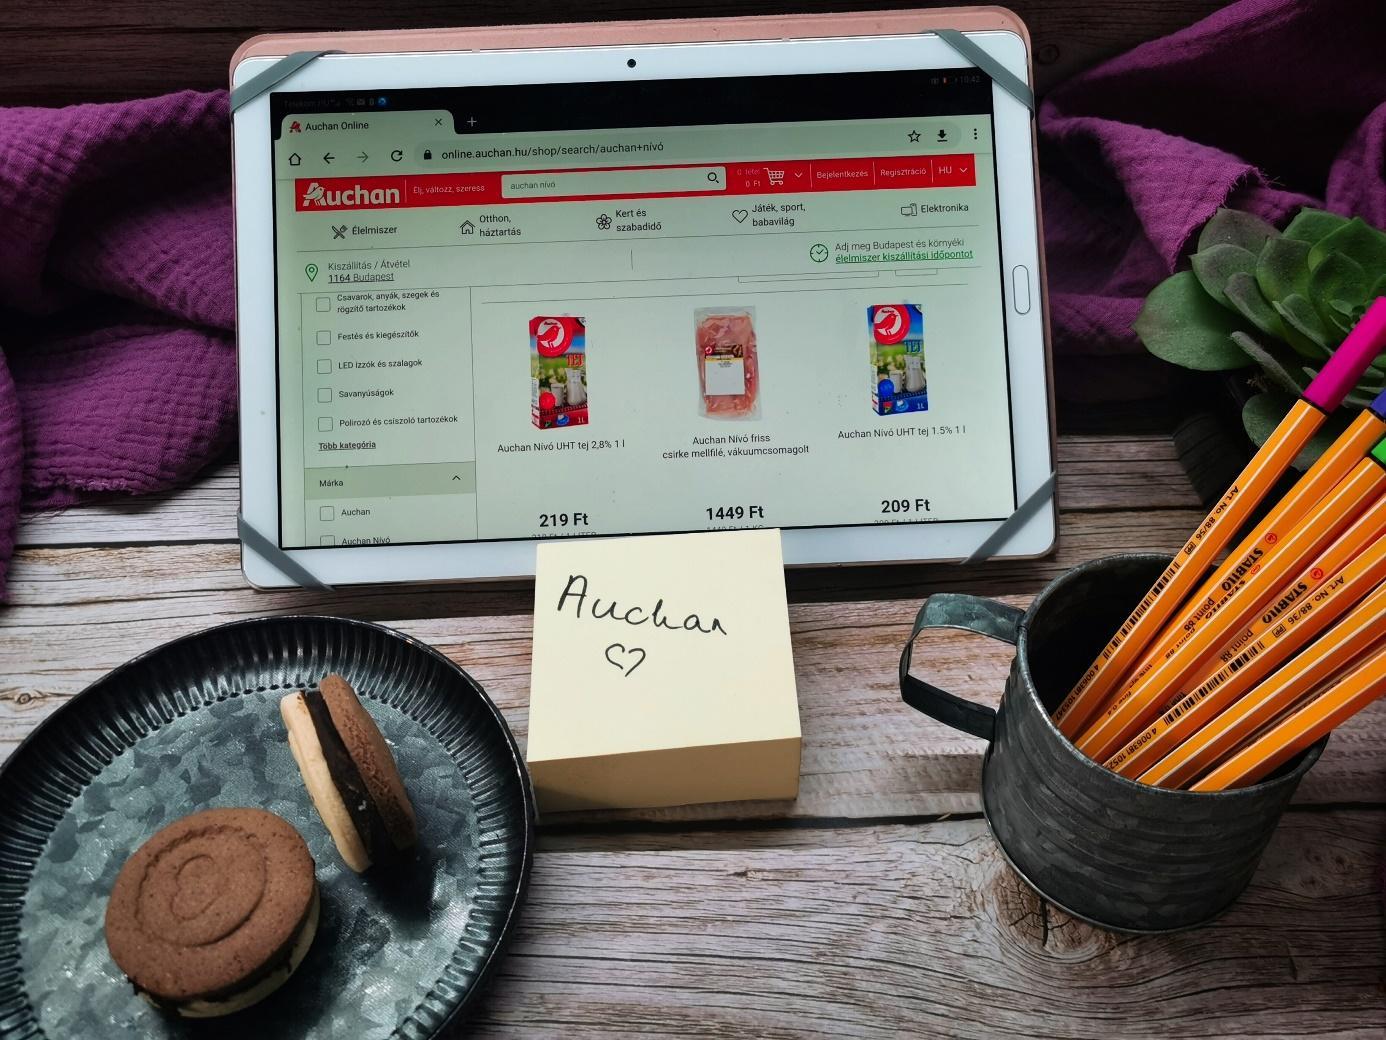 C:\Users\kohar\OneDrive\Dokumentumok\Auchan receptek\home office - cikk 1.jpg